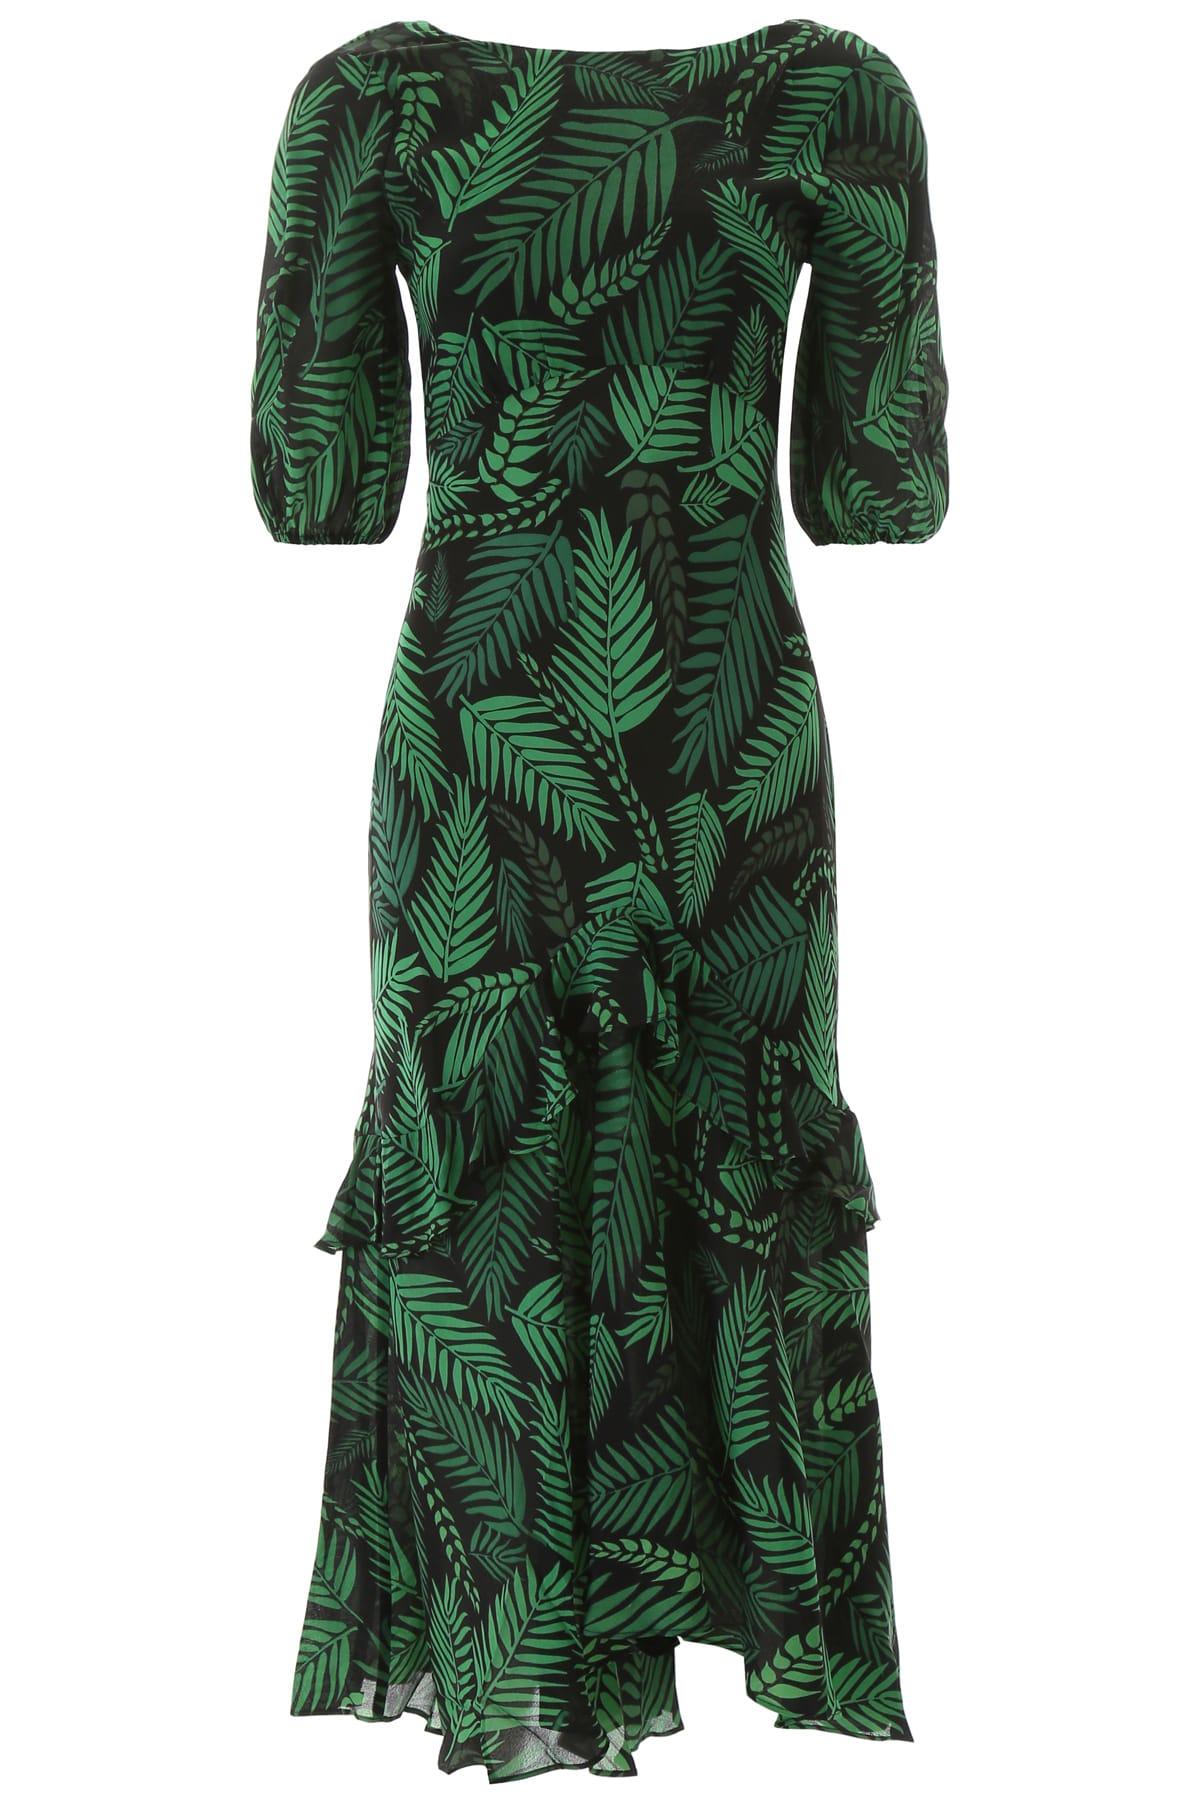 RIXO Palm Print Dress